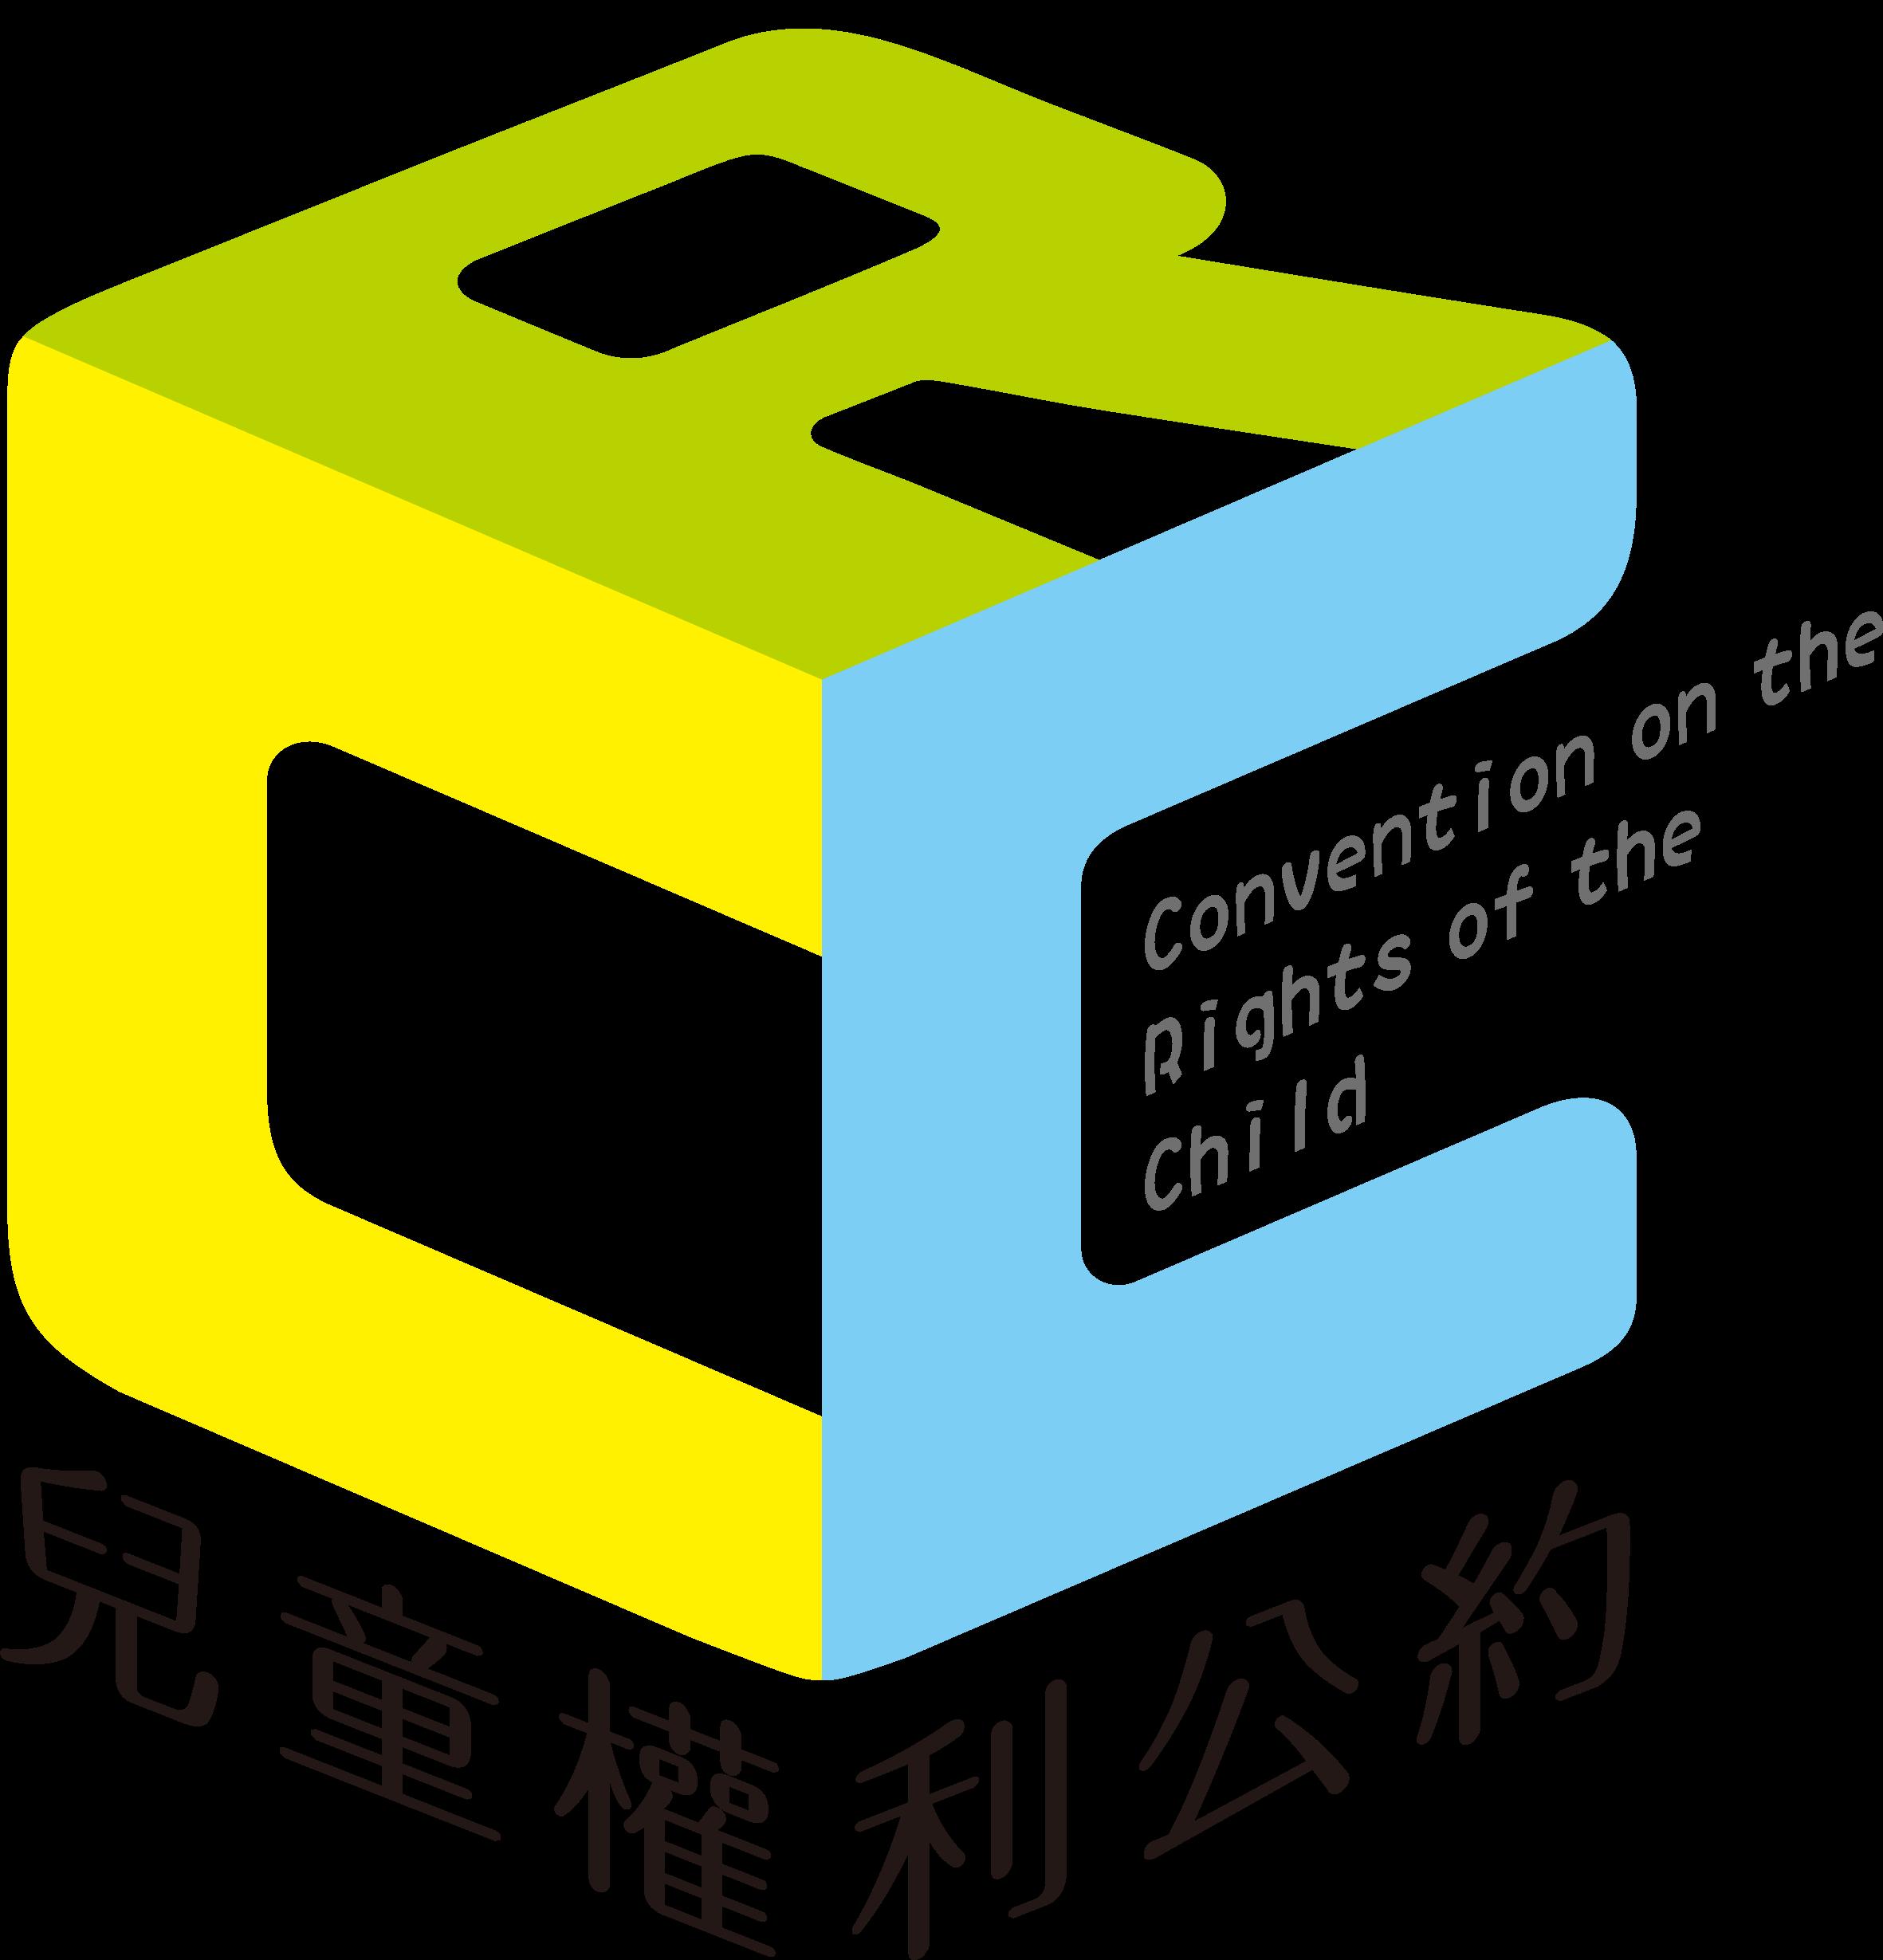 兒童權利公約(CRC)專區